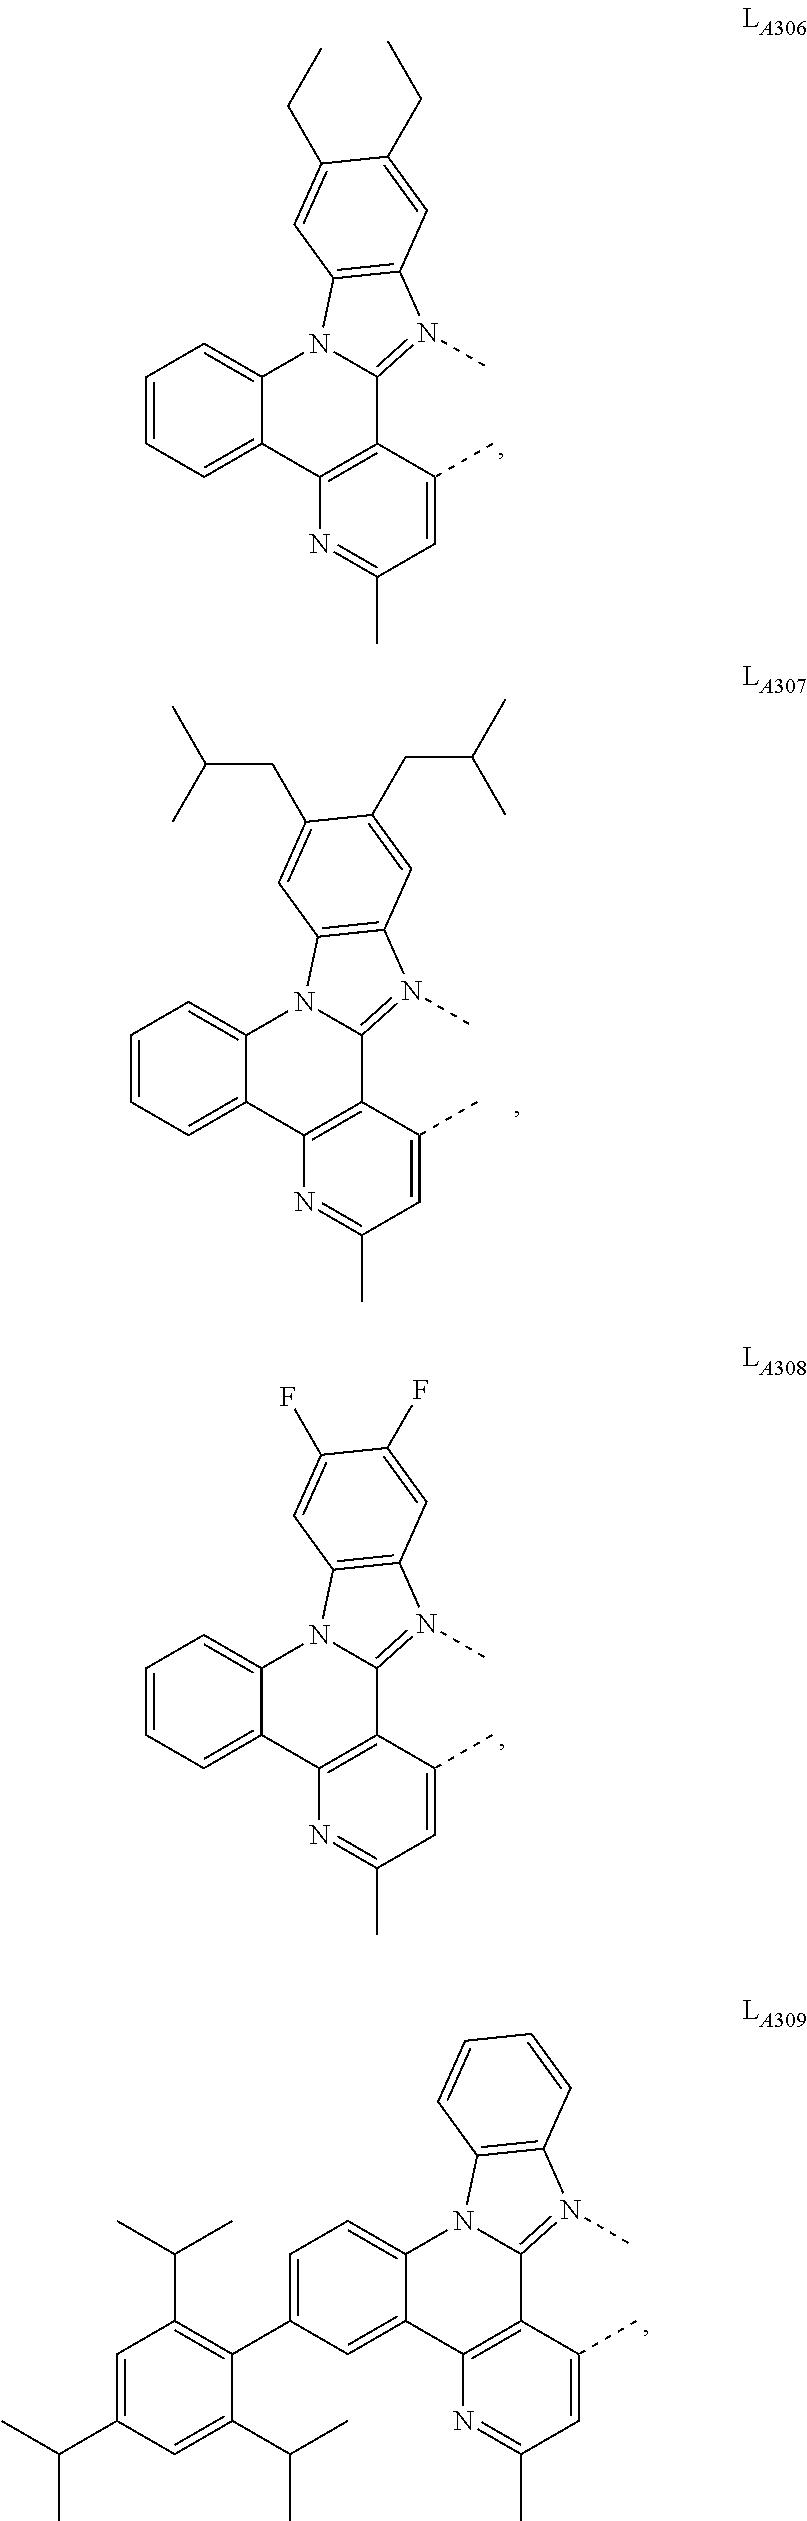 Figure US09905785-20180227-C00491